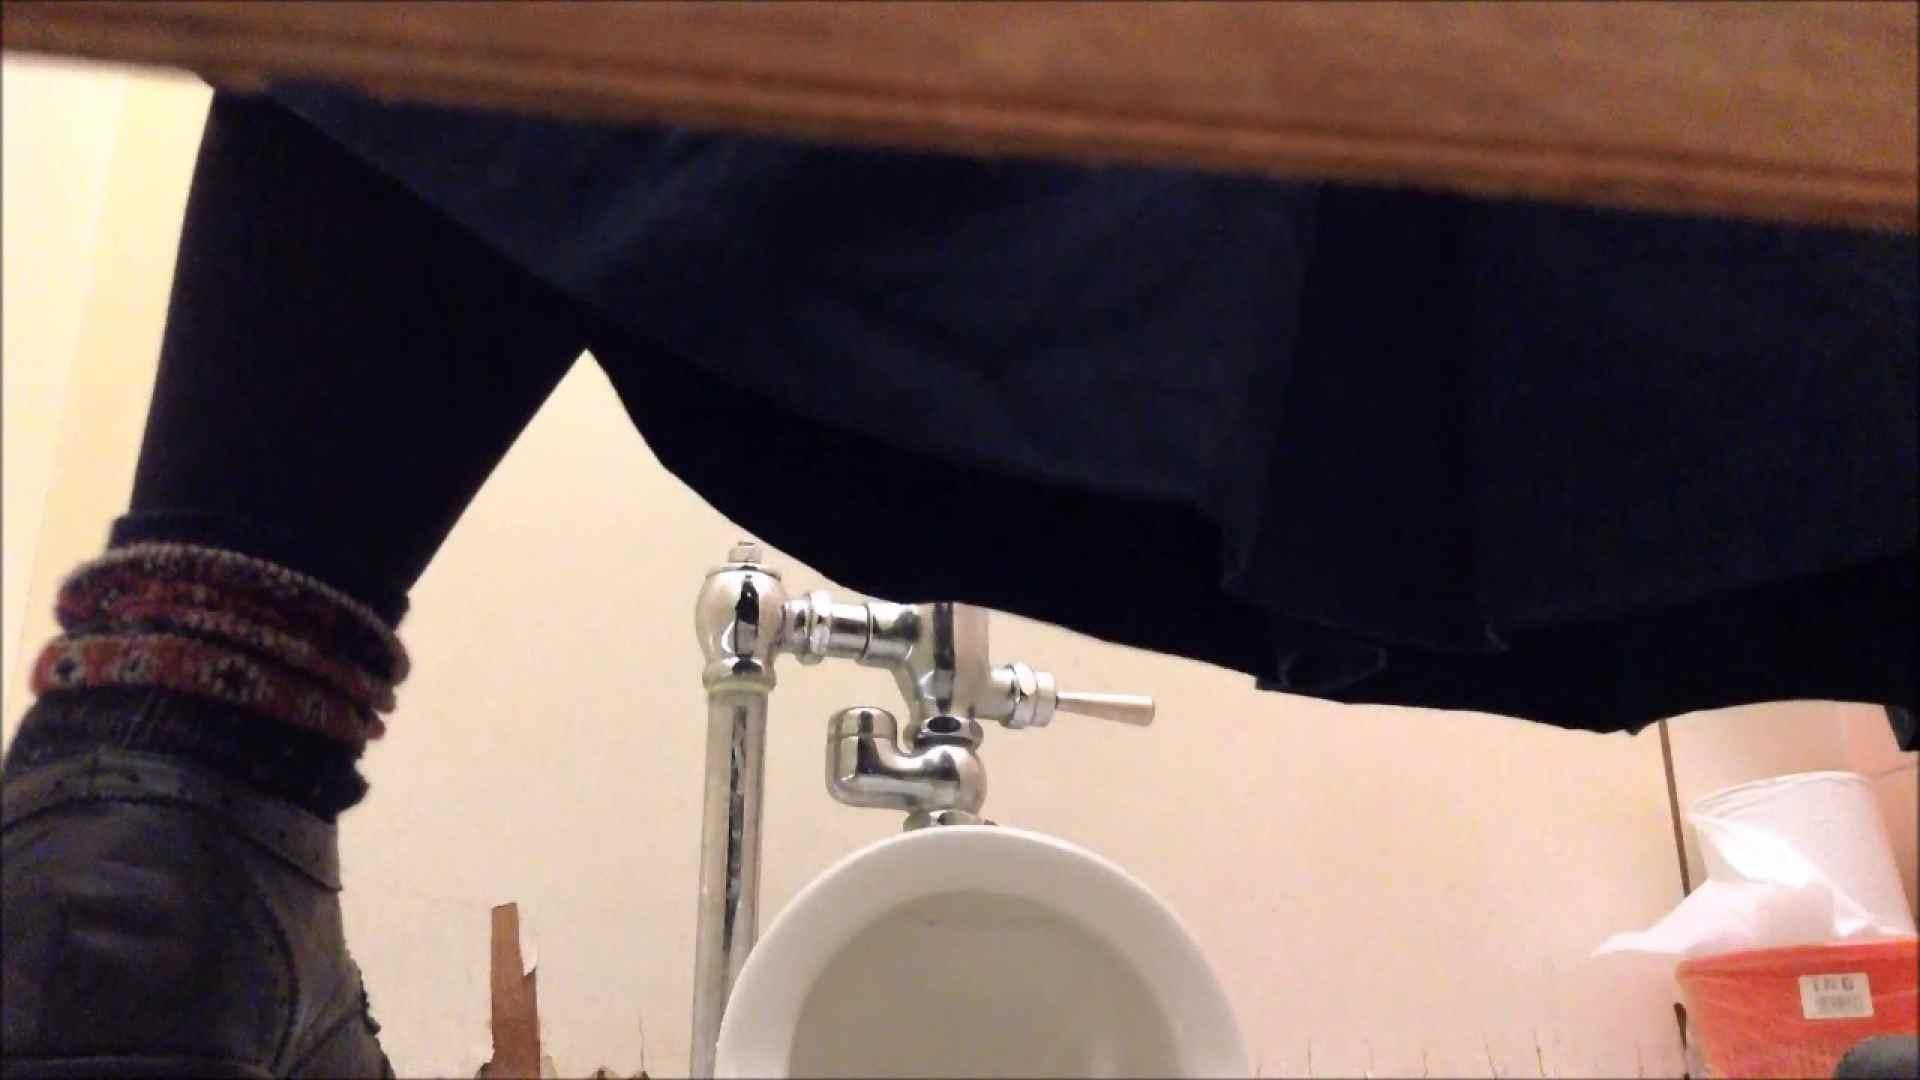 某有名大学女性洗面所 vol.12 和式 盗撮 76PIX 21